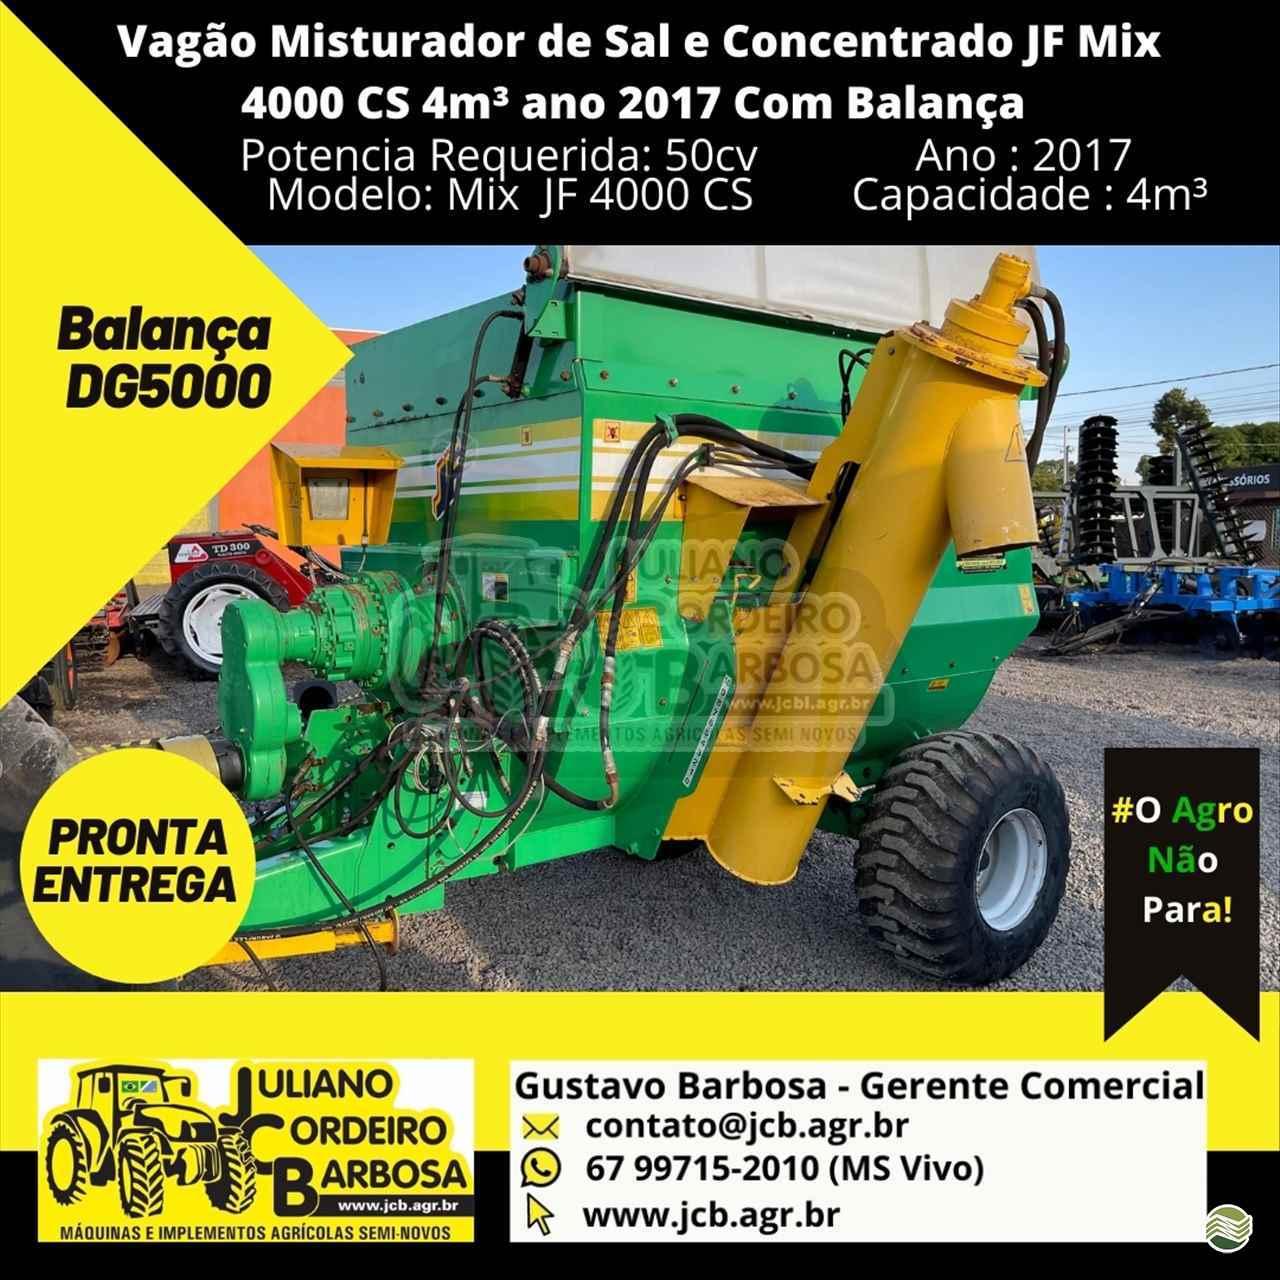 IMPLEMENTOS AGRICOLAS VAGAO FORRAGEIRO VAGÃO MISTURADOR JCB Máquinas e Implementos Agrícolas MARACAJU MATO GROSSO DO SUL MS